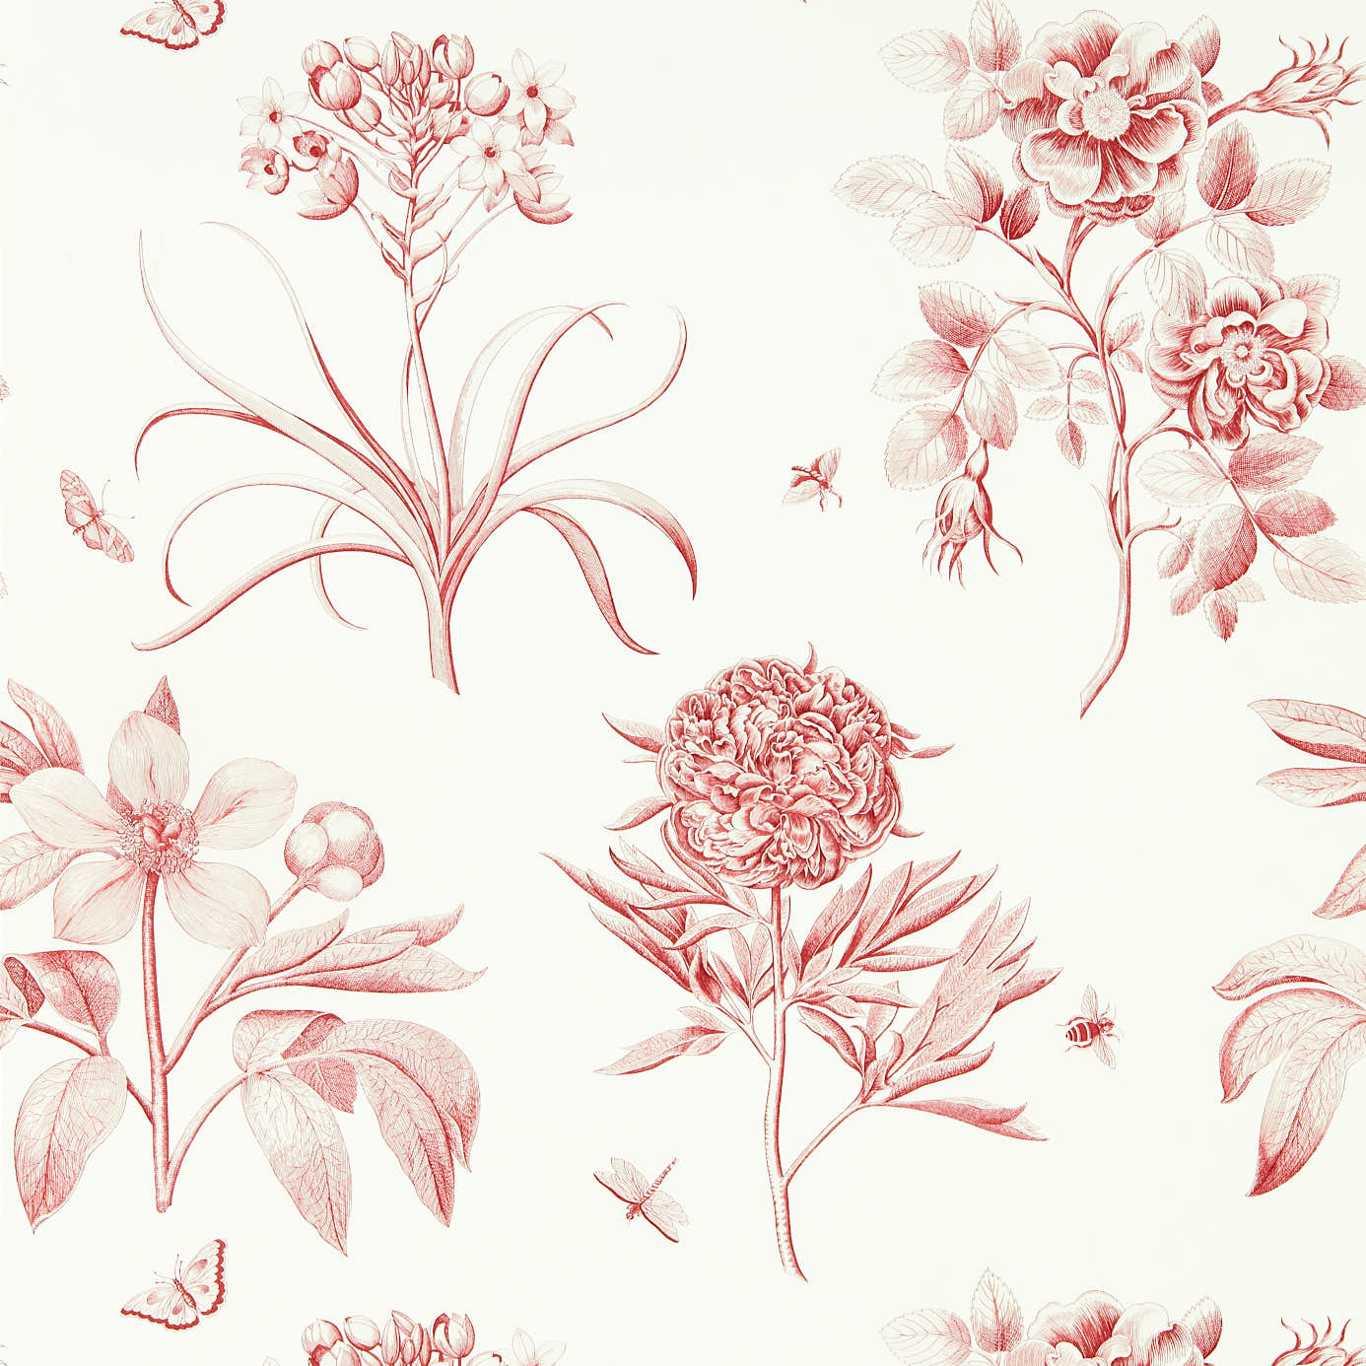 Etchings & Roses by SAN